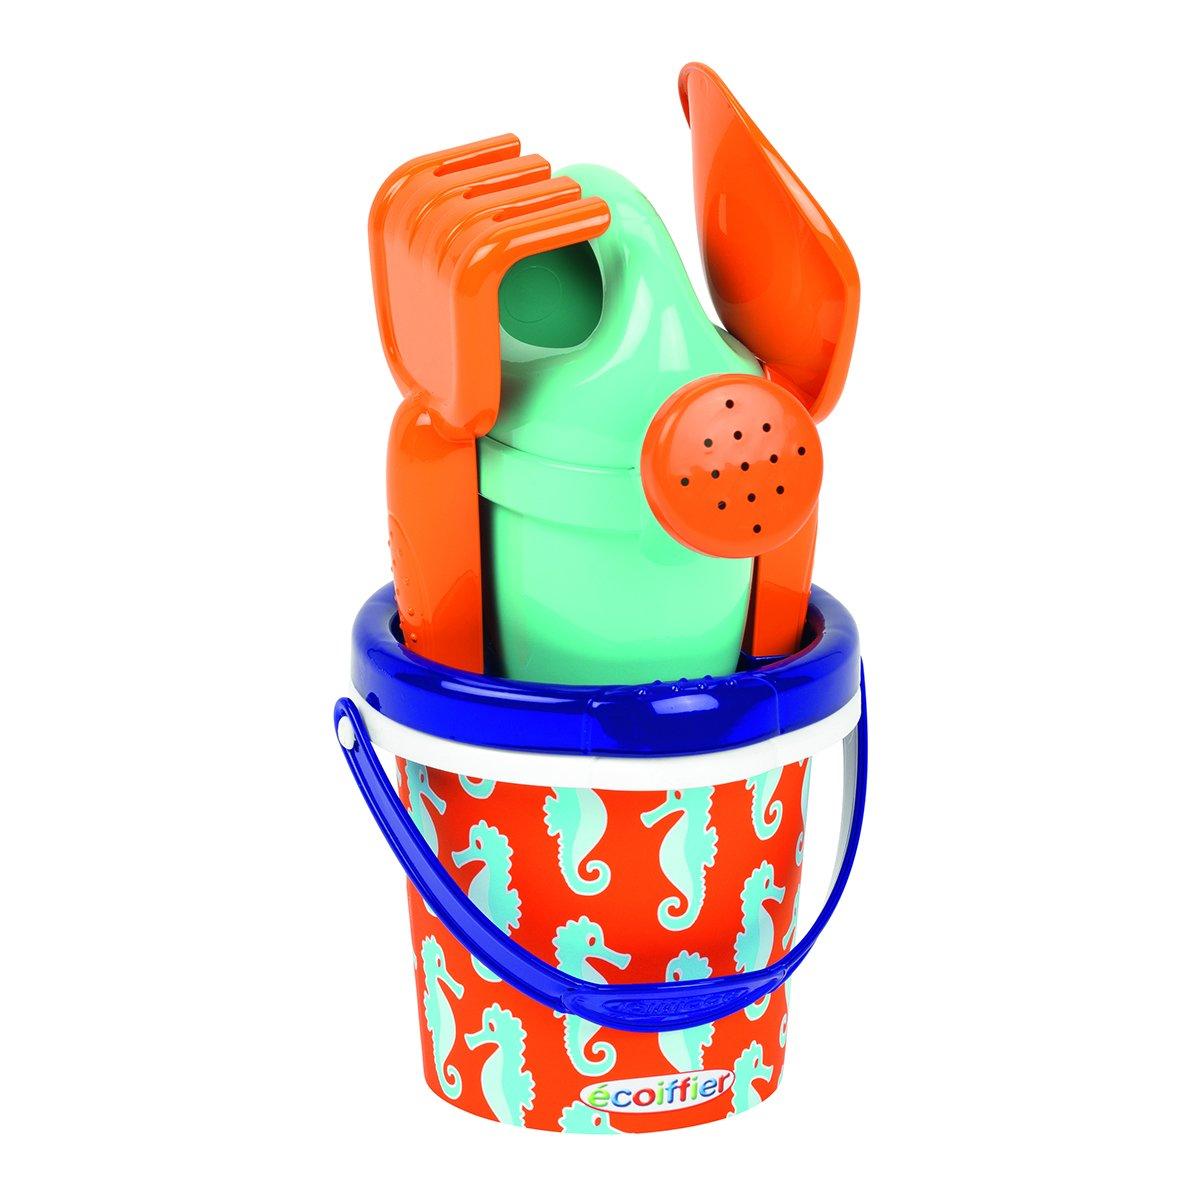 Купить Садово-песочный инвентарь, Набор для игры с песком Ecoiffier Морской котик мини 691 ТМ: Ecoiffier